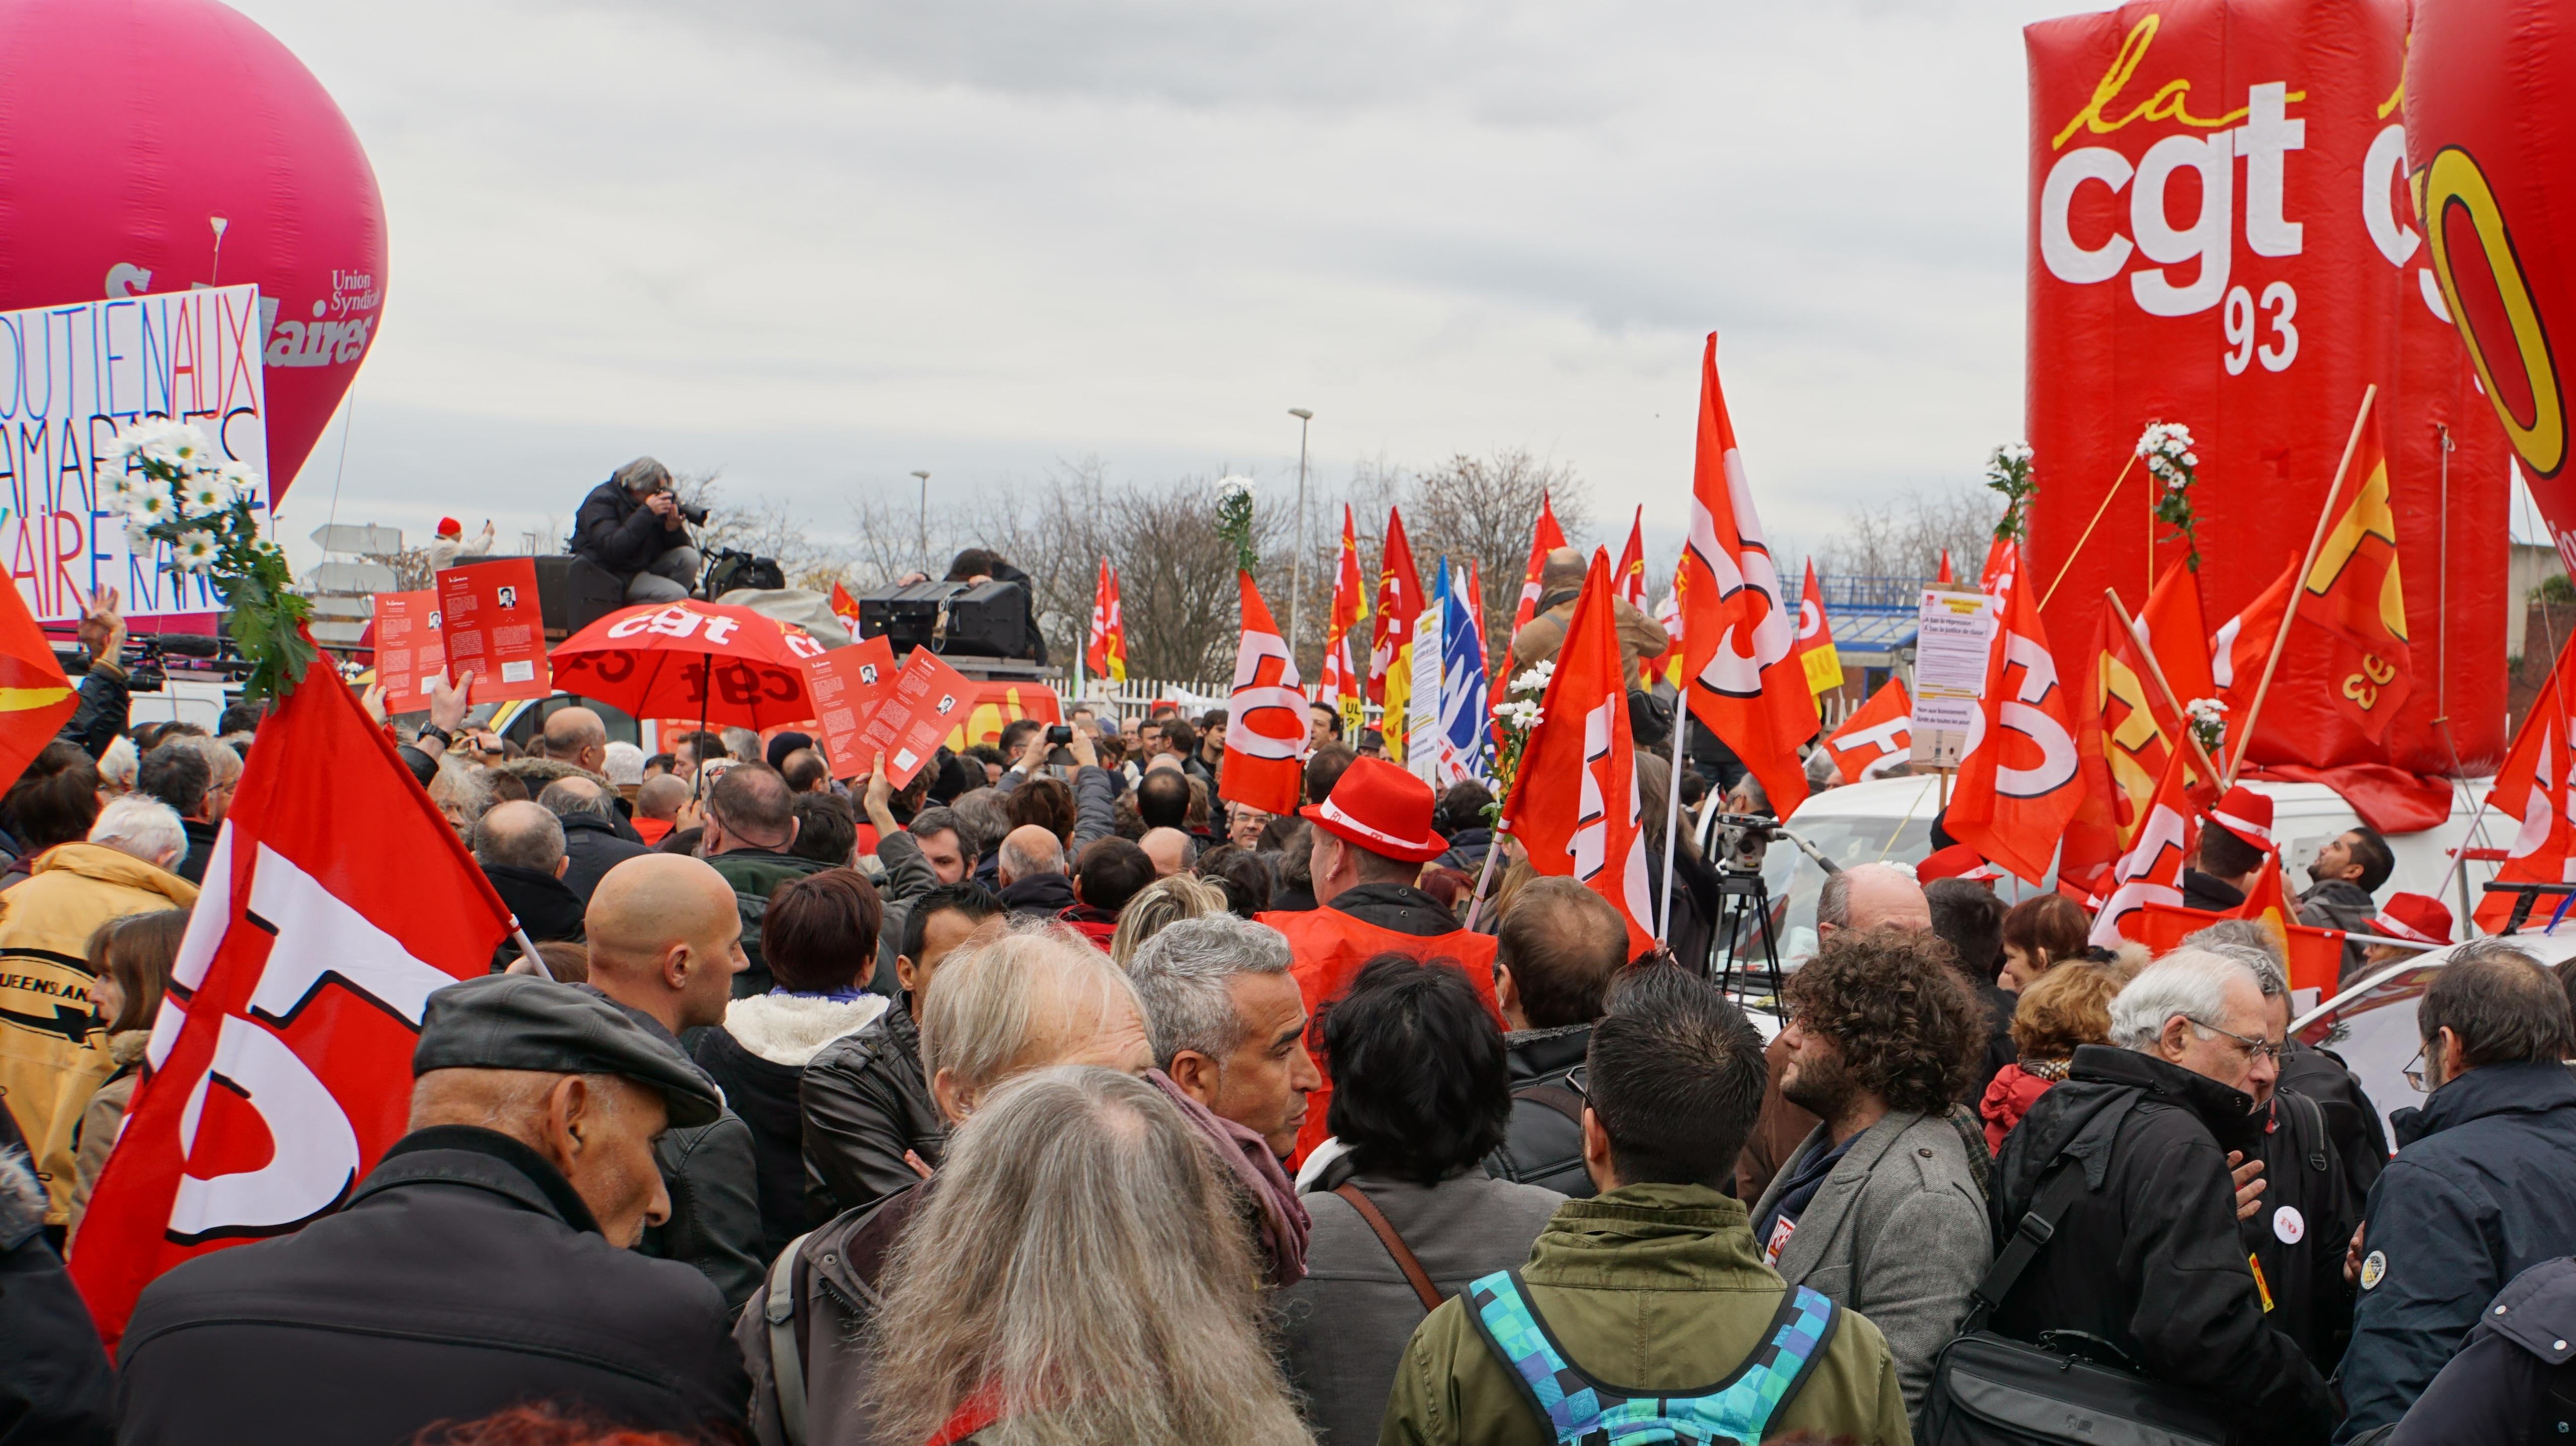 Χιλιάδες πολίτες ανταποκρίθηκαν το Σάββατο στο κάλεσμα συνδικάτων και πρωτοβουλιών αλληλεγγύης και συγκεντρώθηκαν στο προάστιο Μπομπινί, όπου δικάζονταν 5 εργαζόμενοι της Air France για «βίαιη επίθεση» εναντίον διευθυντικών στελεχών της εταιρίας. Αντίστοιχες συγκεντρώσεις πραγματοποιήθηκαν σε πολλές ακόμη γαλλικές πόλεις, παρά την «απαγόρευση συναθροίσεων λόγω έκτακτης ανάγκης».